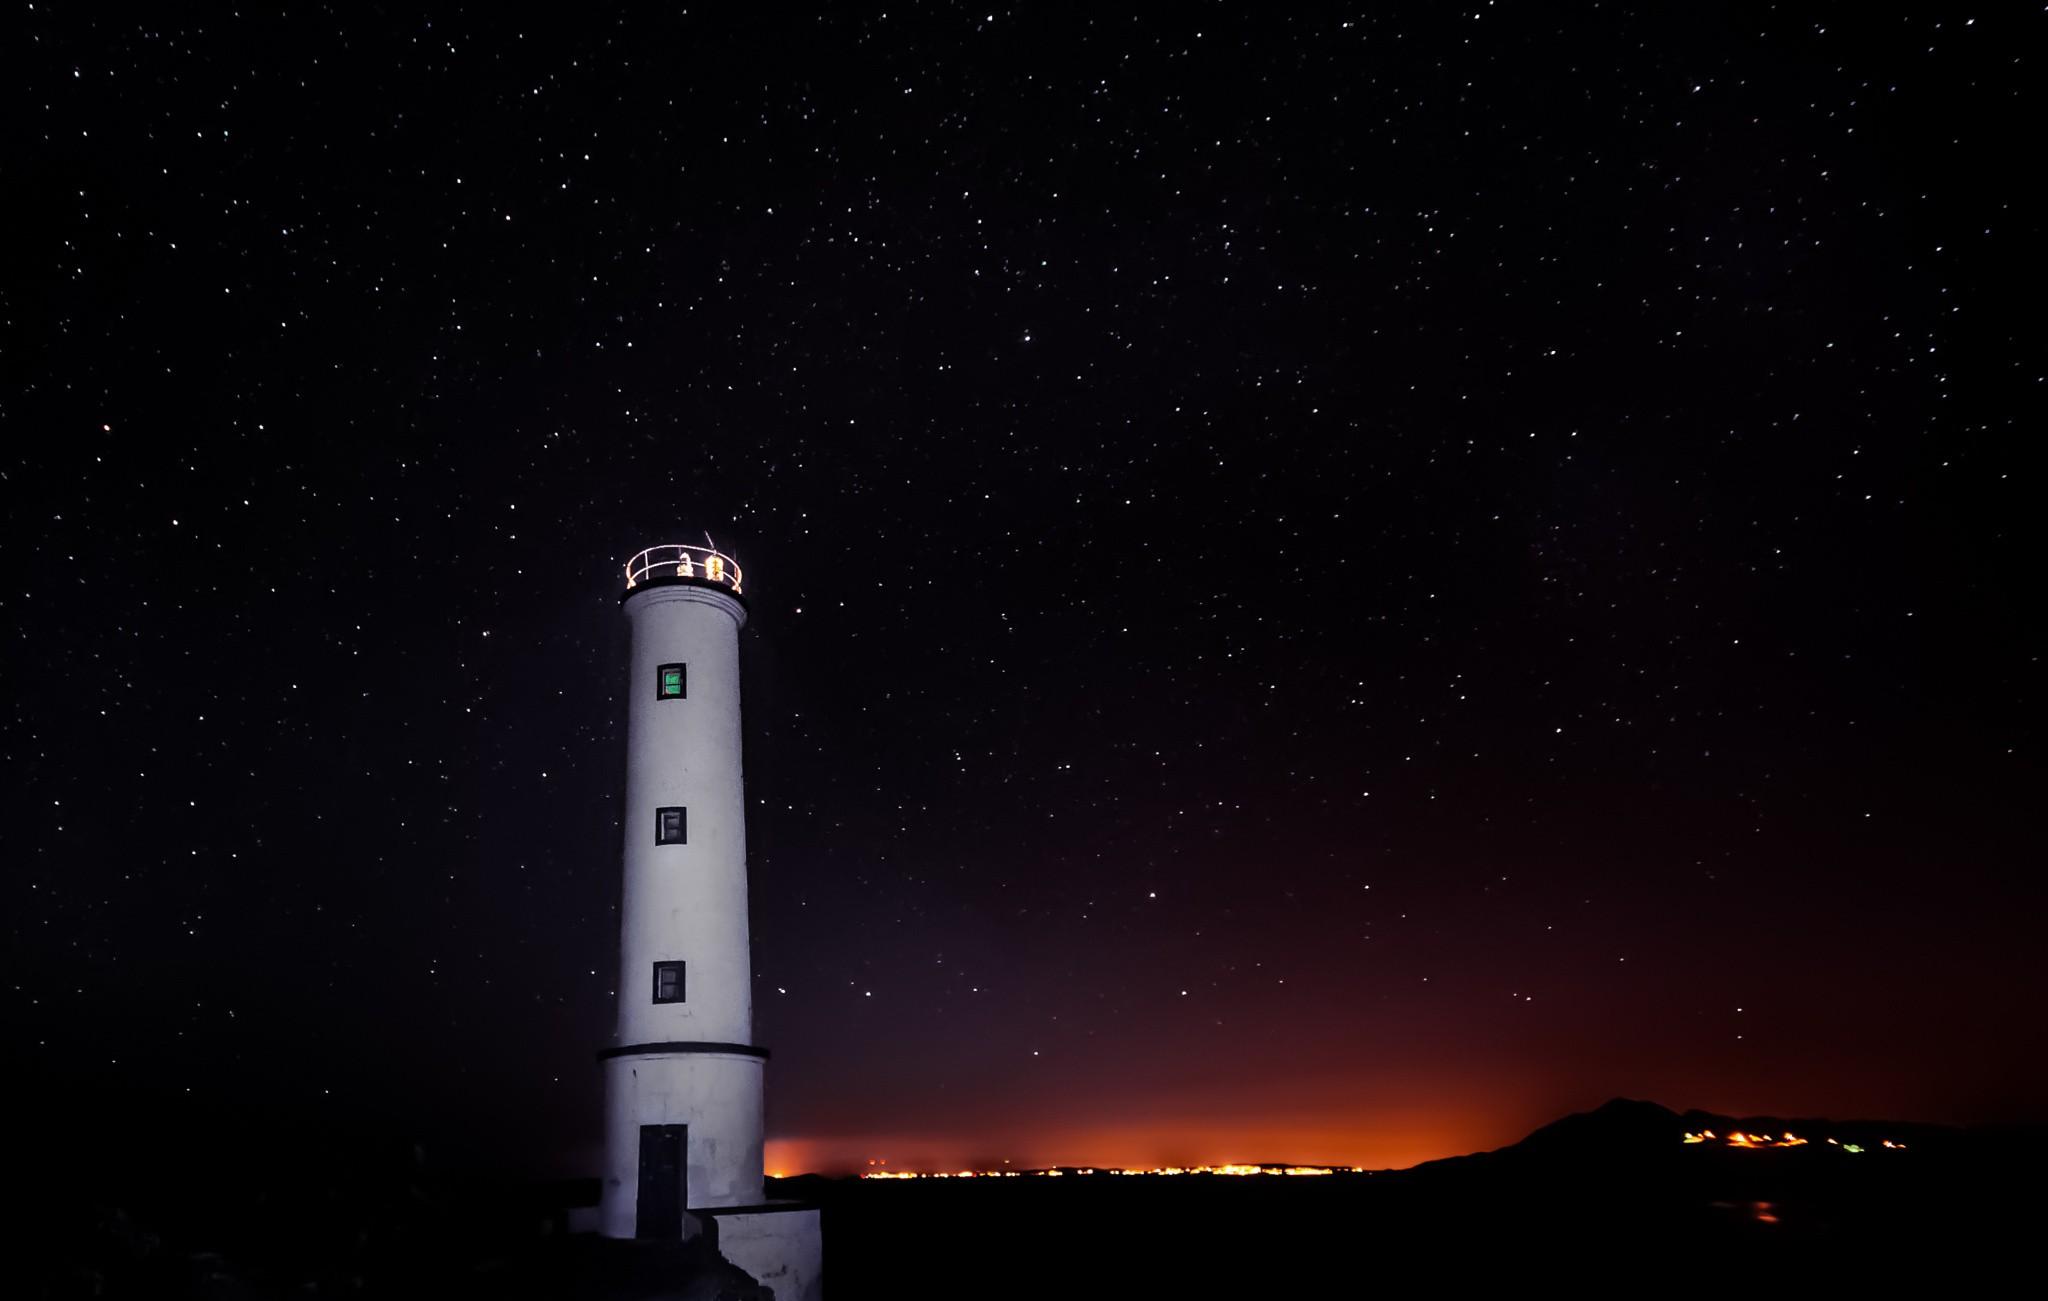 маяк ночью красивые картинки моей родной самой